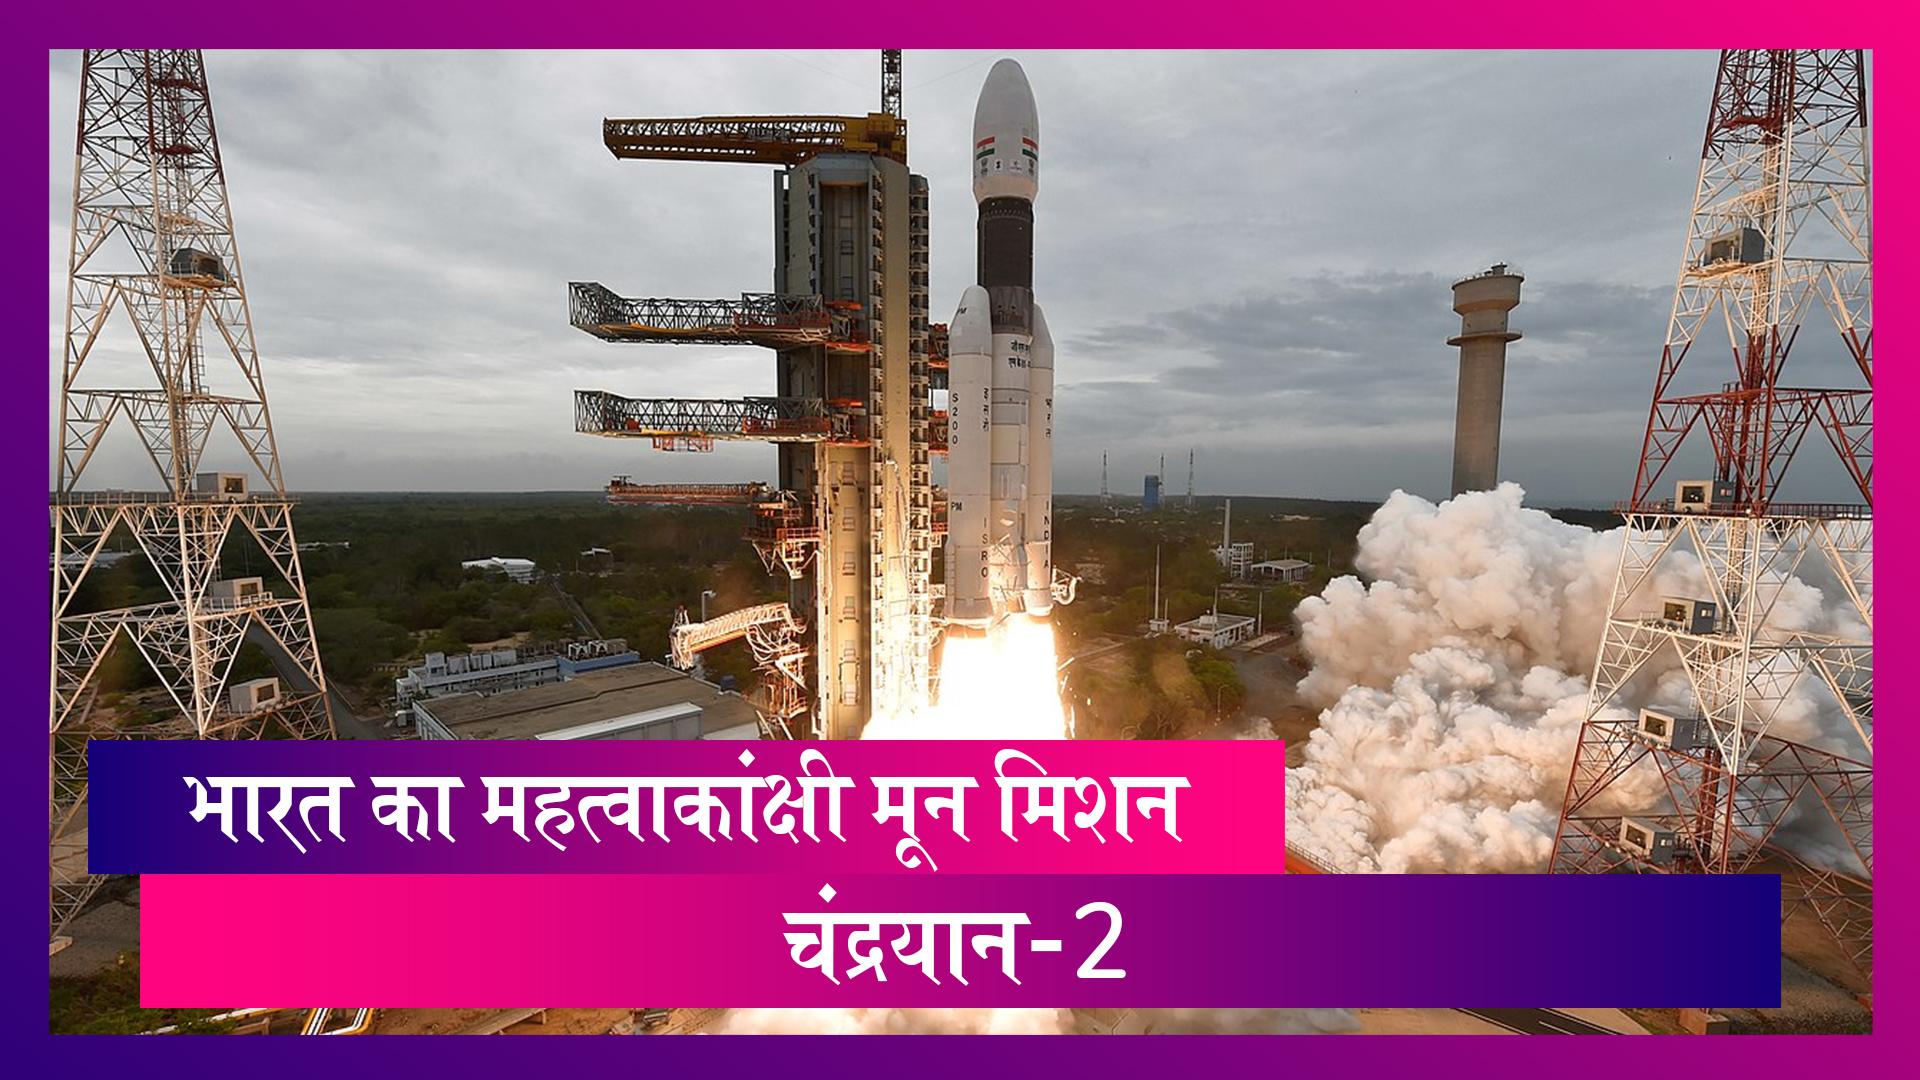 ISRO: चंद्रमा की कक्षा में 20 अगस्त को पहुंचेंगा चंद्रयान-2